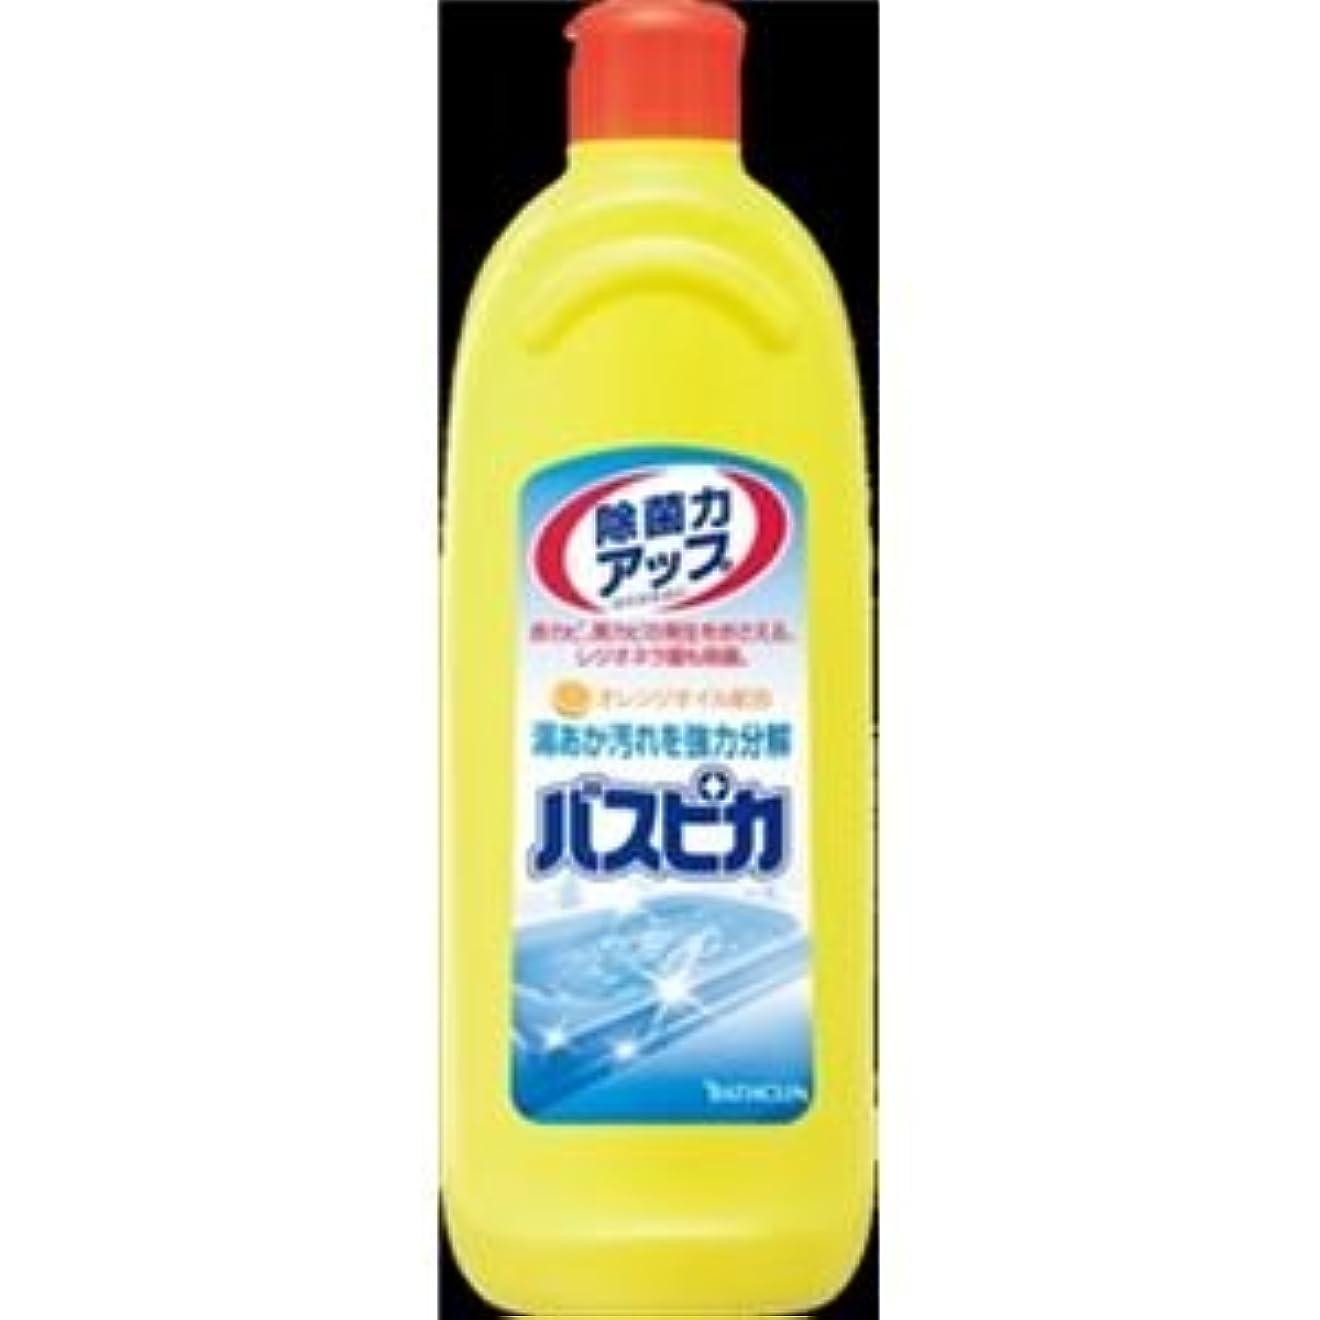 段落南トリプル(まとめ)バスクリン バスピカ ヤシ油 【×5点セット】